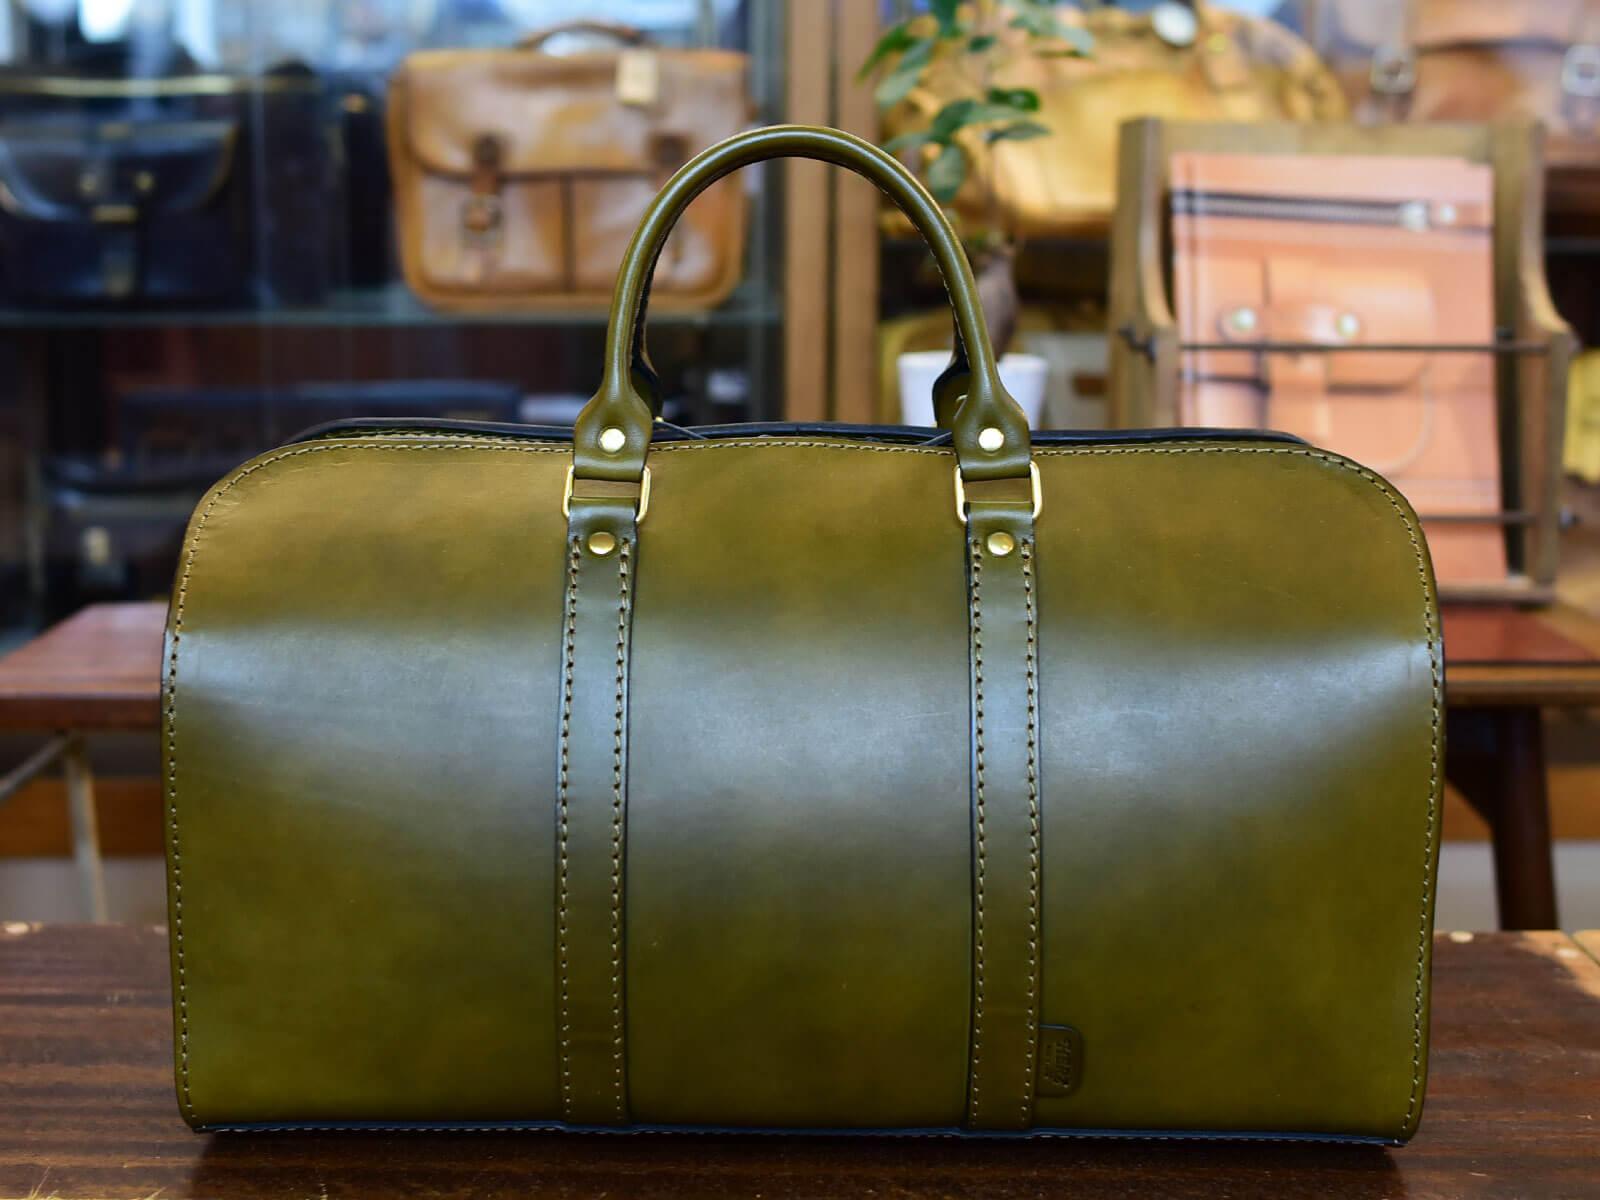 『BORDER 衝動~検視官・比嘉ミカ~』にボストンバッグが使用されています